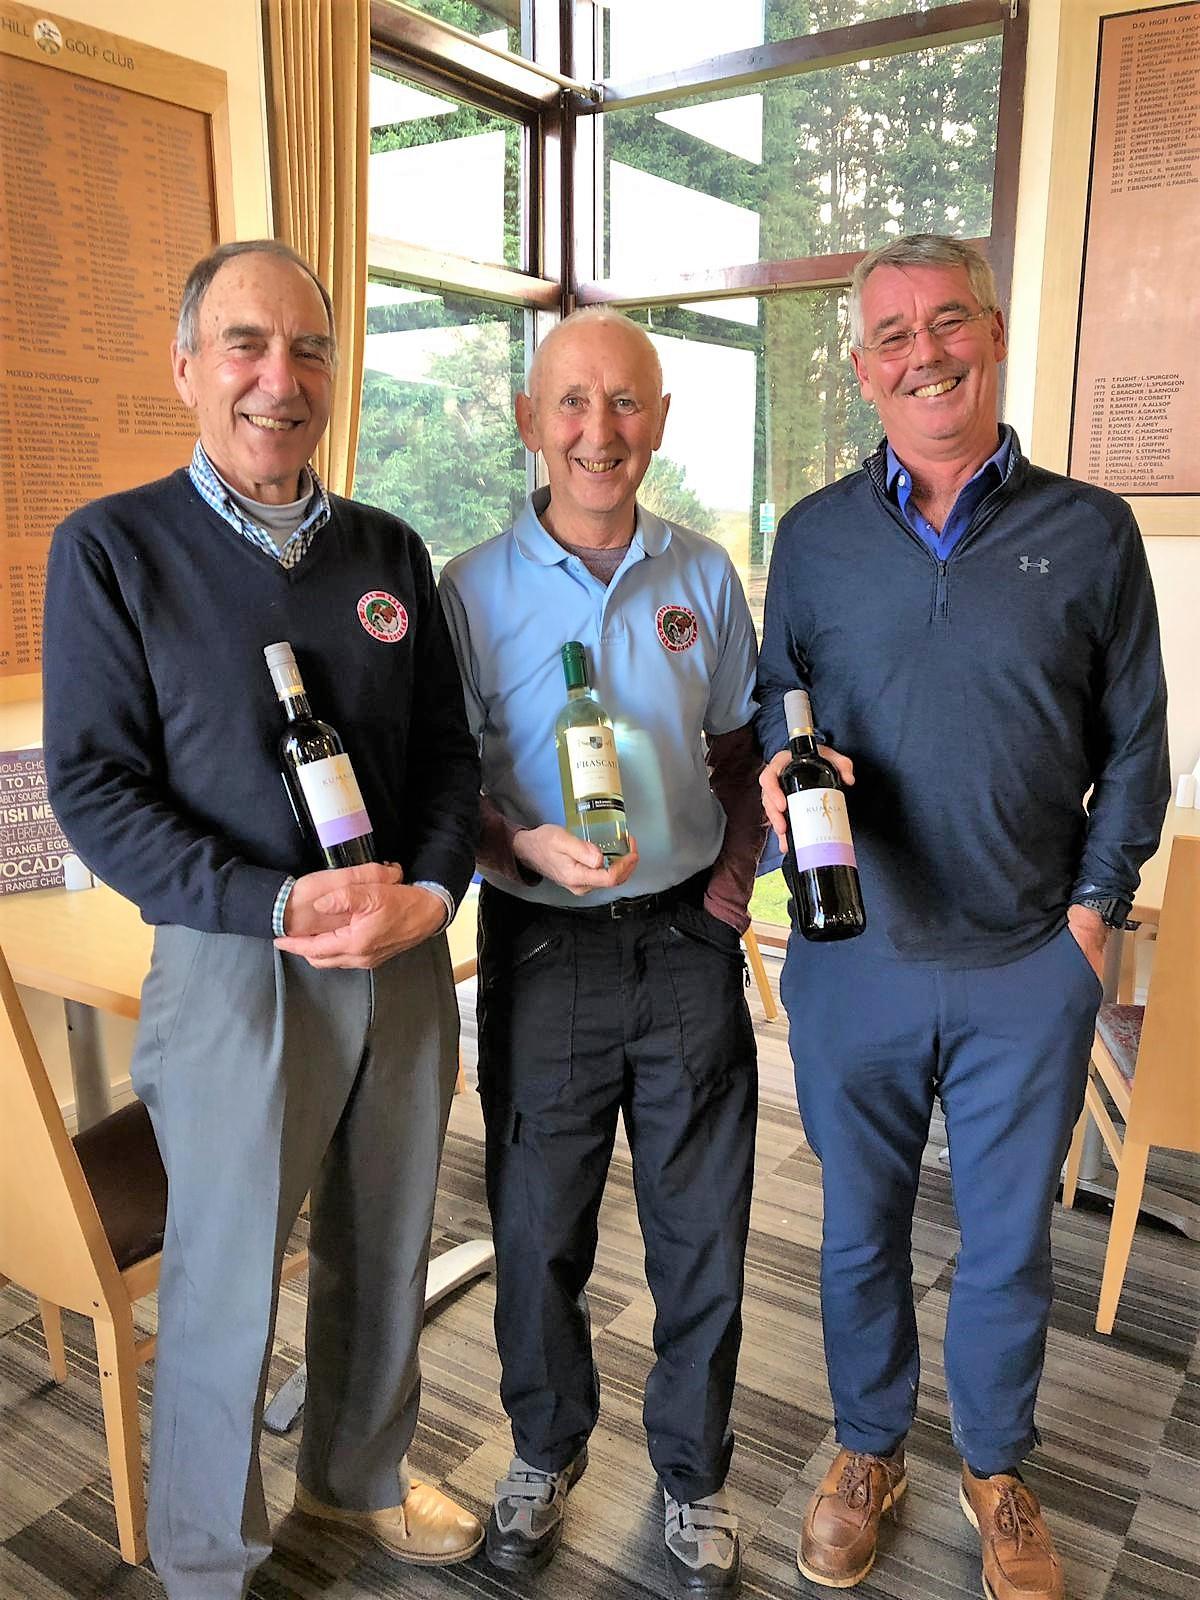 19Feb. L to R Wine winners:- J Poore - D Wilkins - P Bell